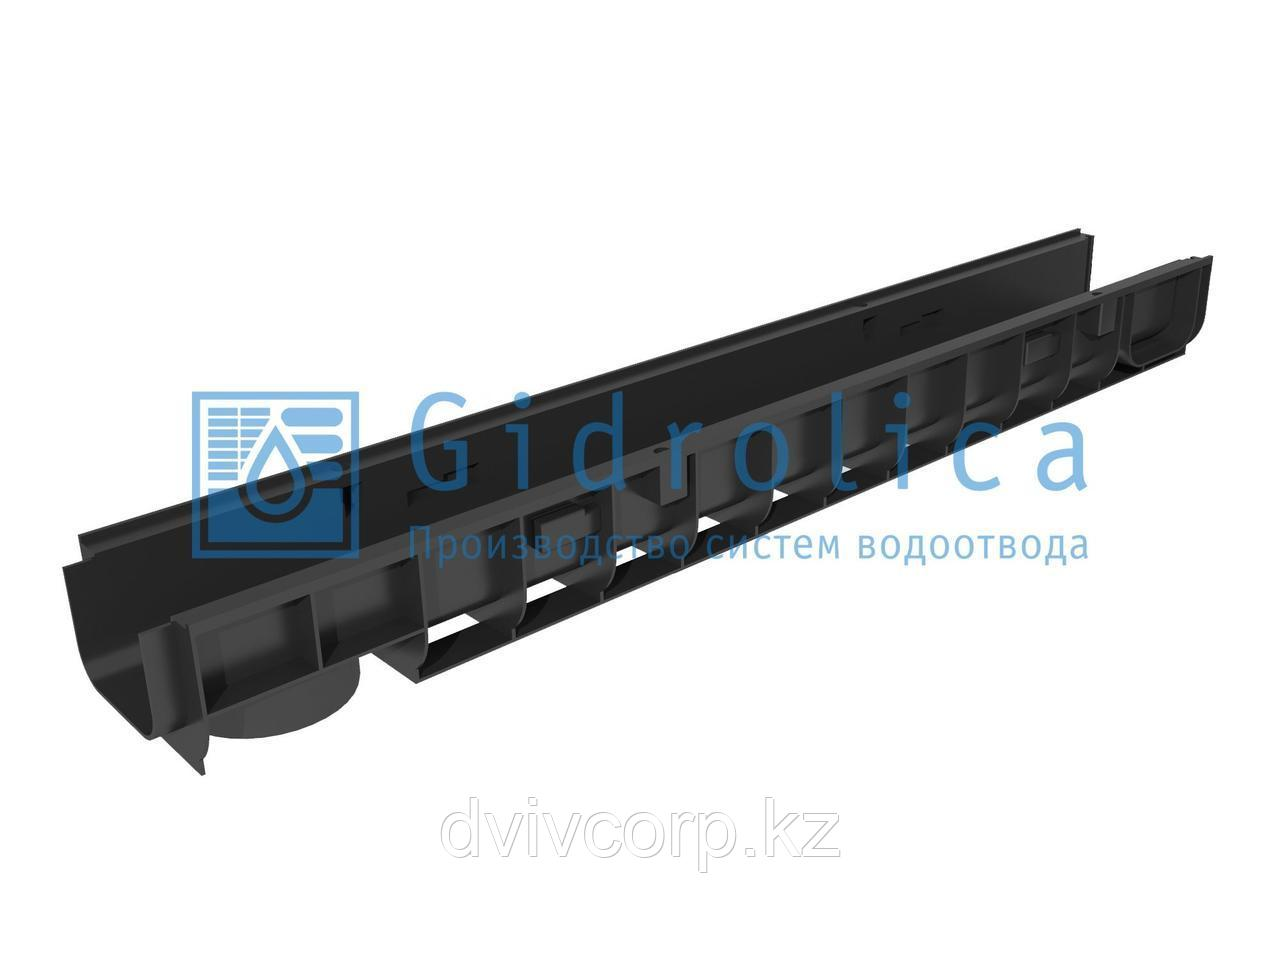 Арт. 804 Лоток водоотводный Gidrolica Standart ЛВ-10.14,5.10 - пластиковый